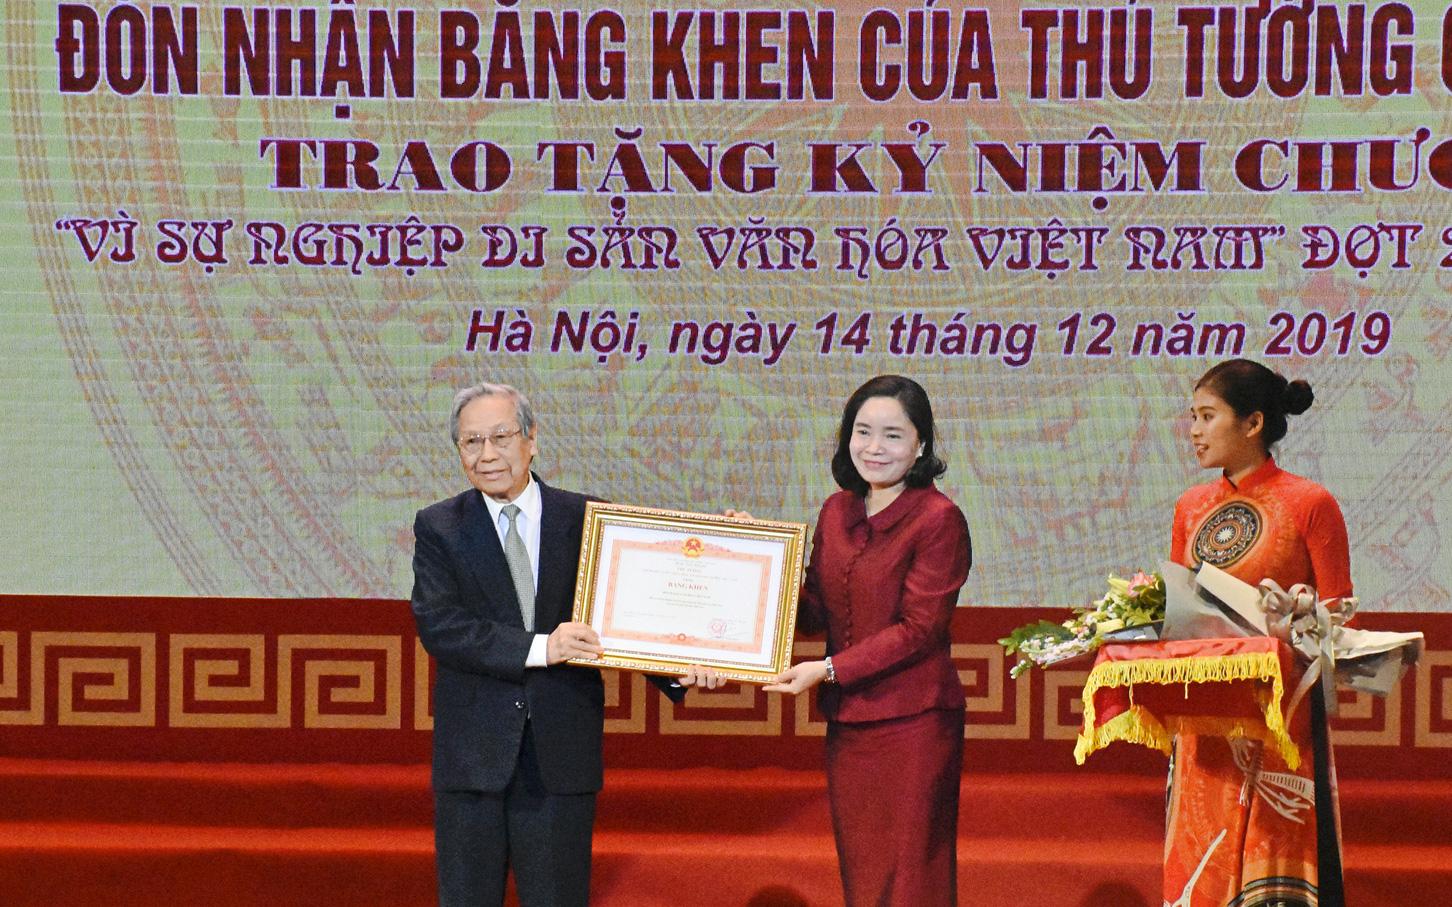 Hội Di sản Văn hóa Việt Nam đón nhận Bằng khen của Thủ tướng Chính phủ